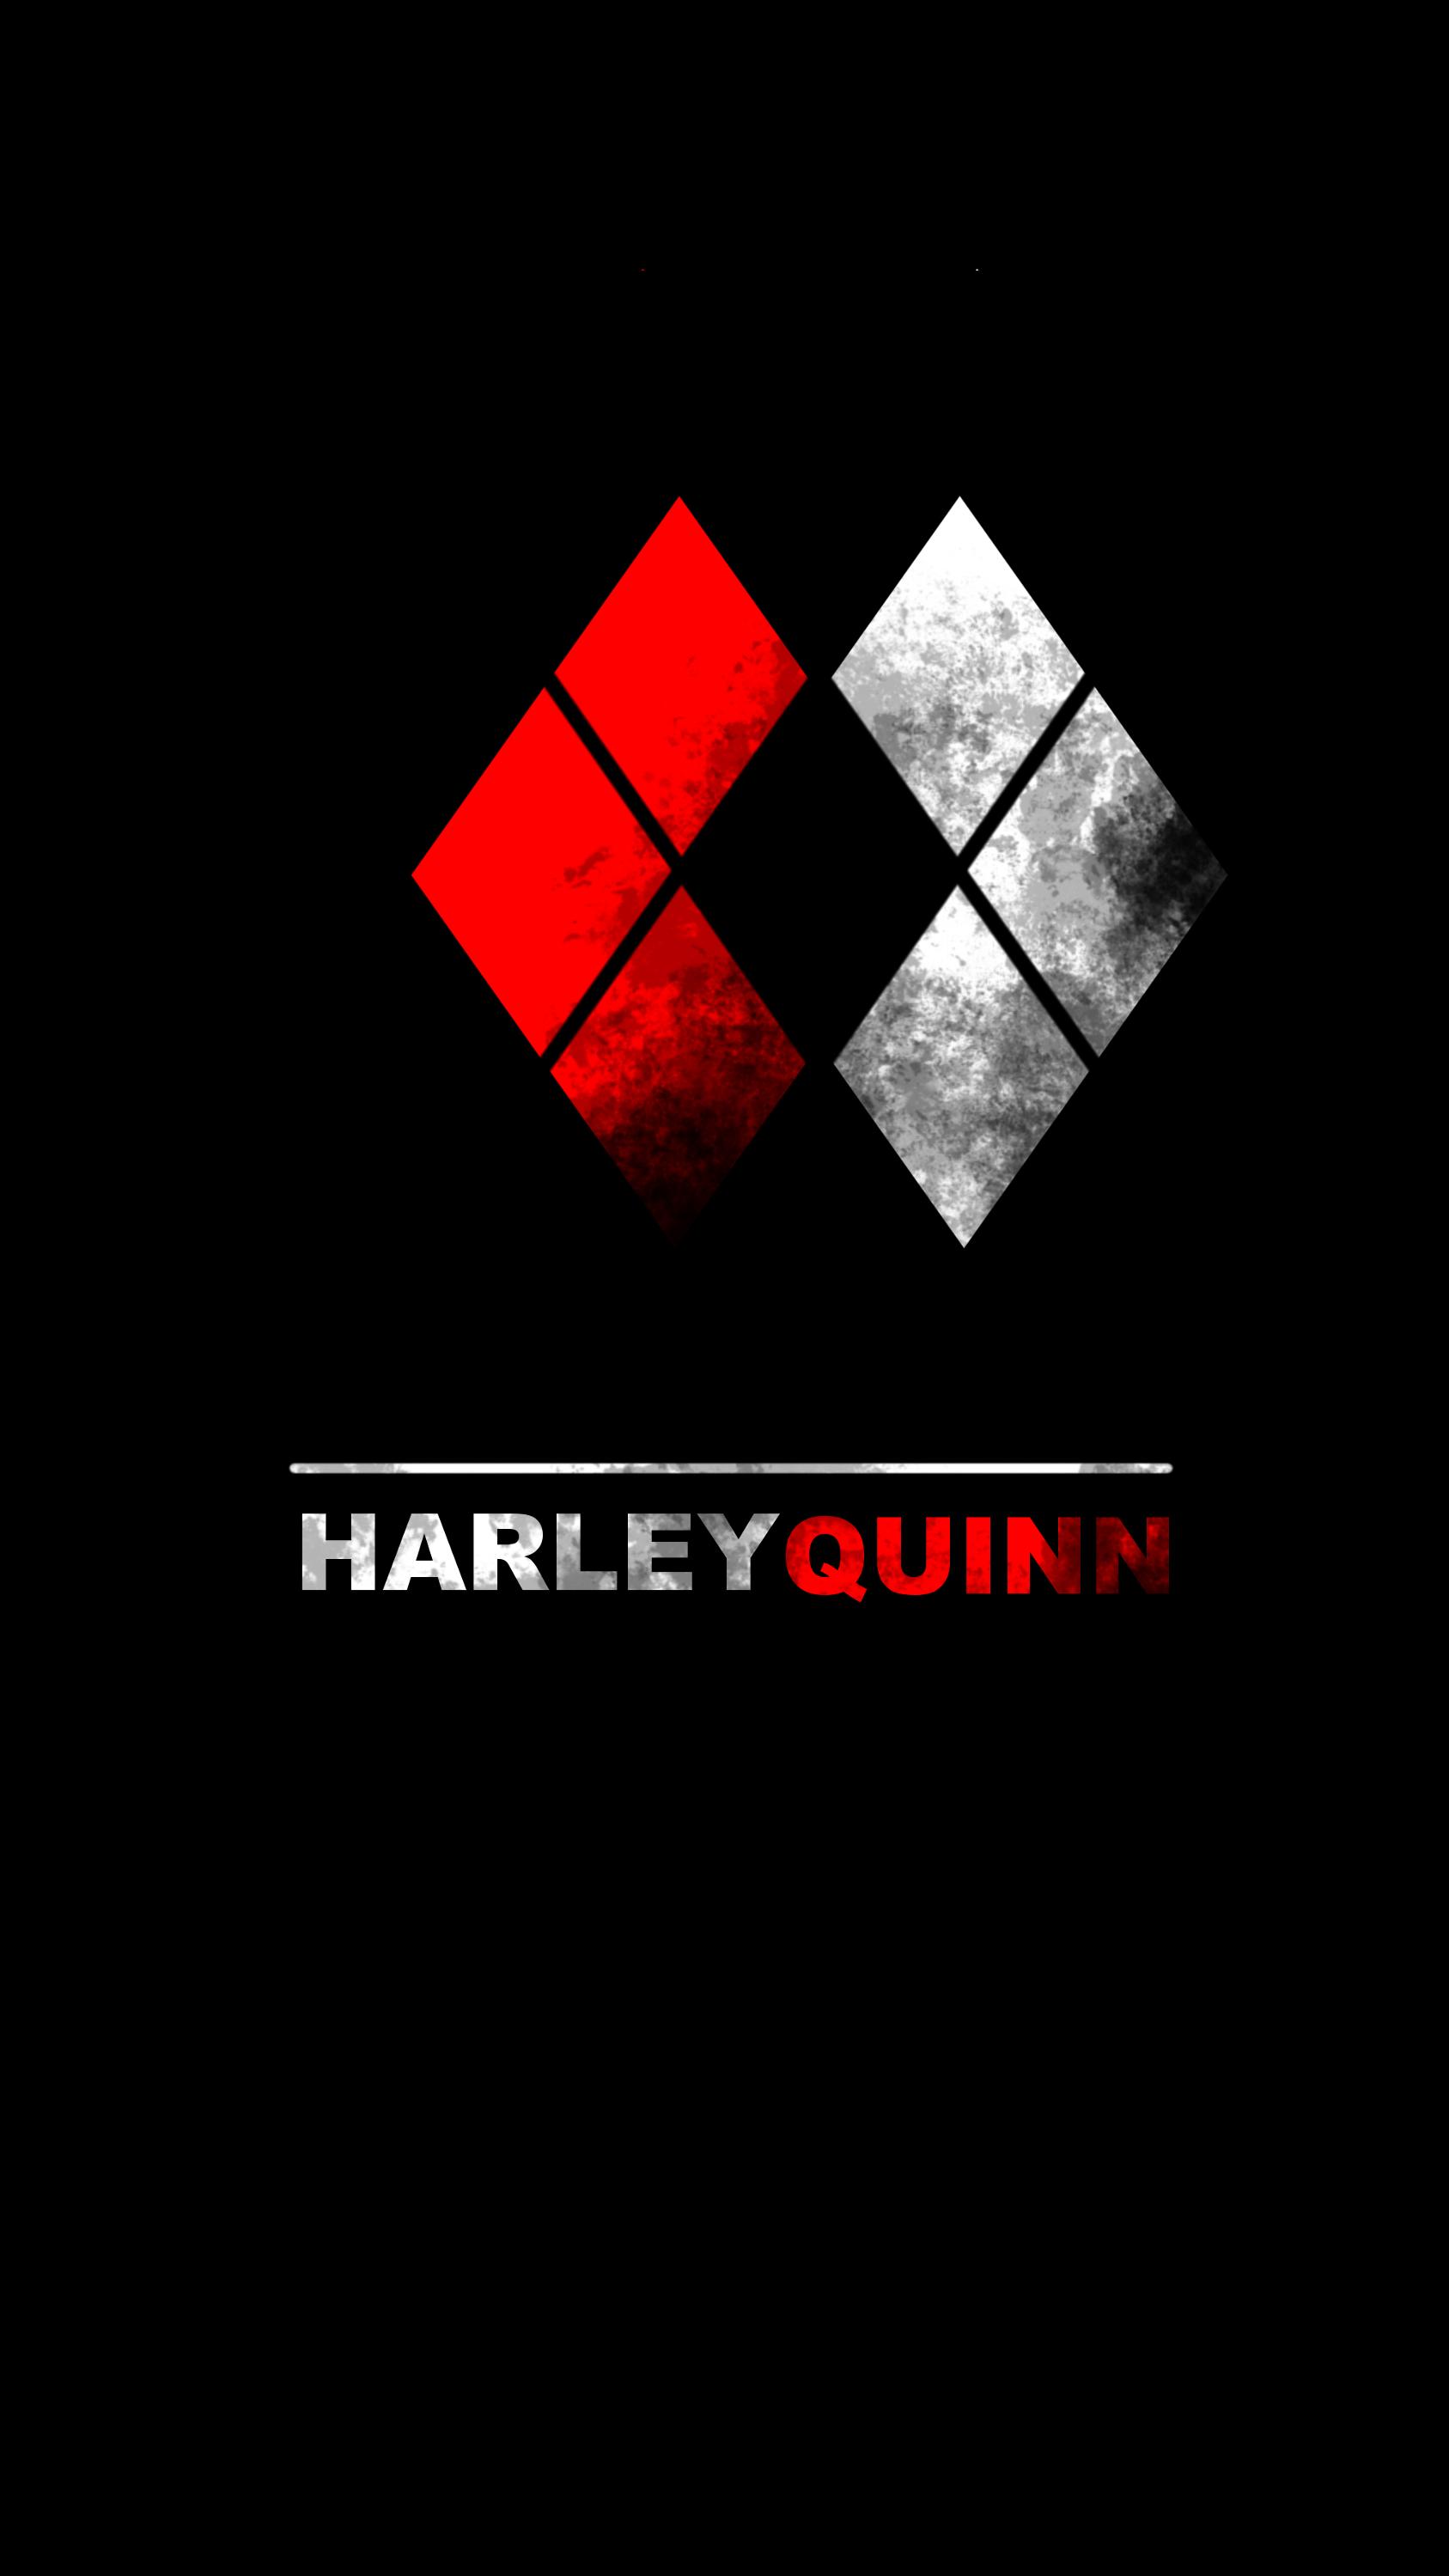 Harley quinn iphone 6 wallpaper wallpapersafari for Harley quinn wallpaper